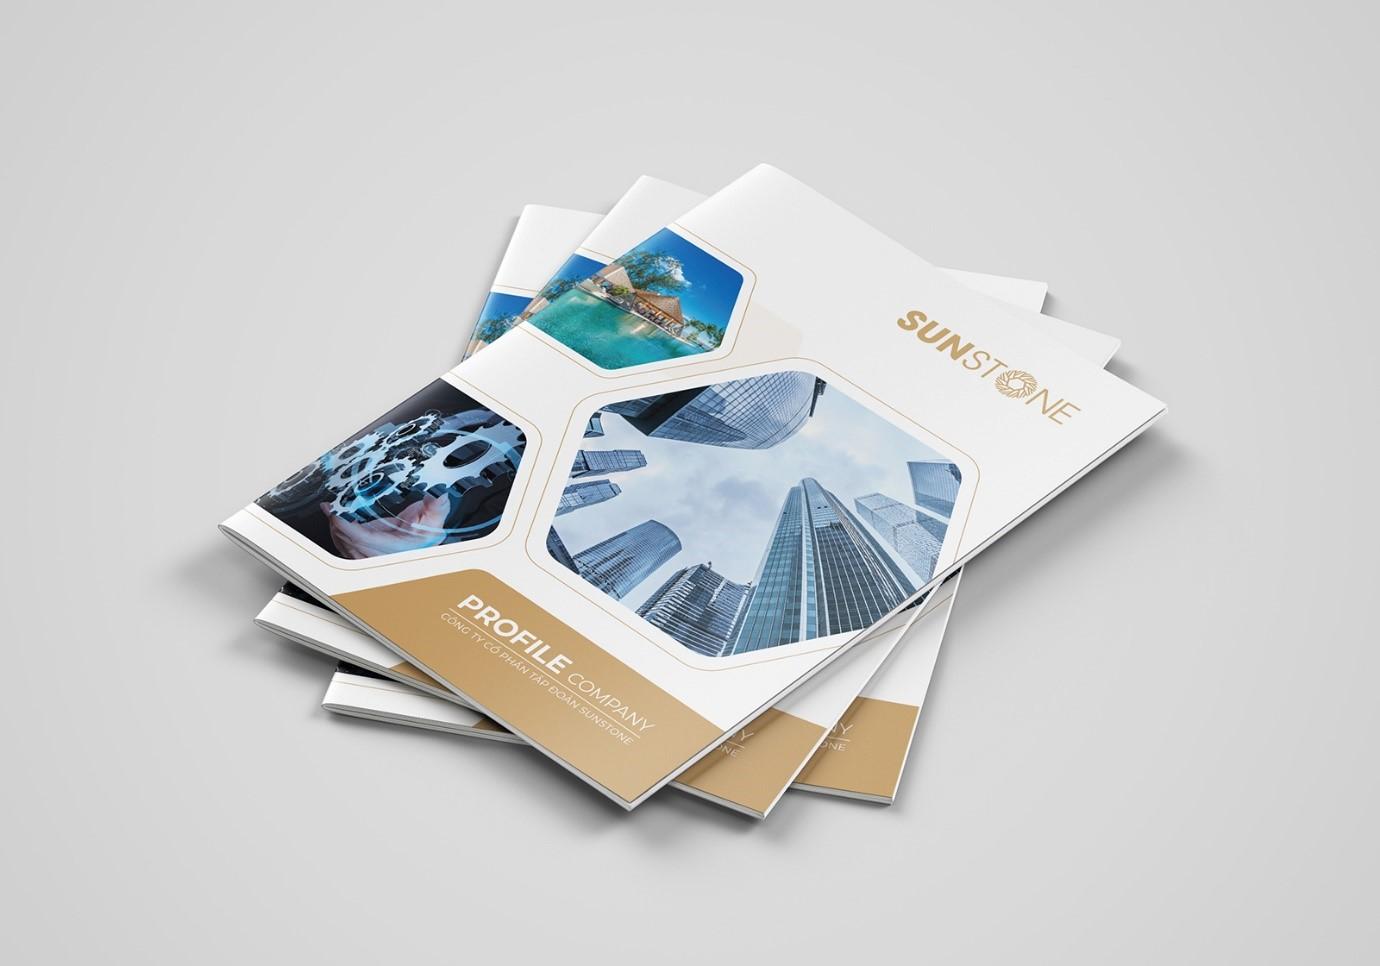 Mẫu hồ sơ năng lực công ty SunStone (1)